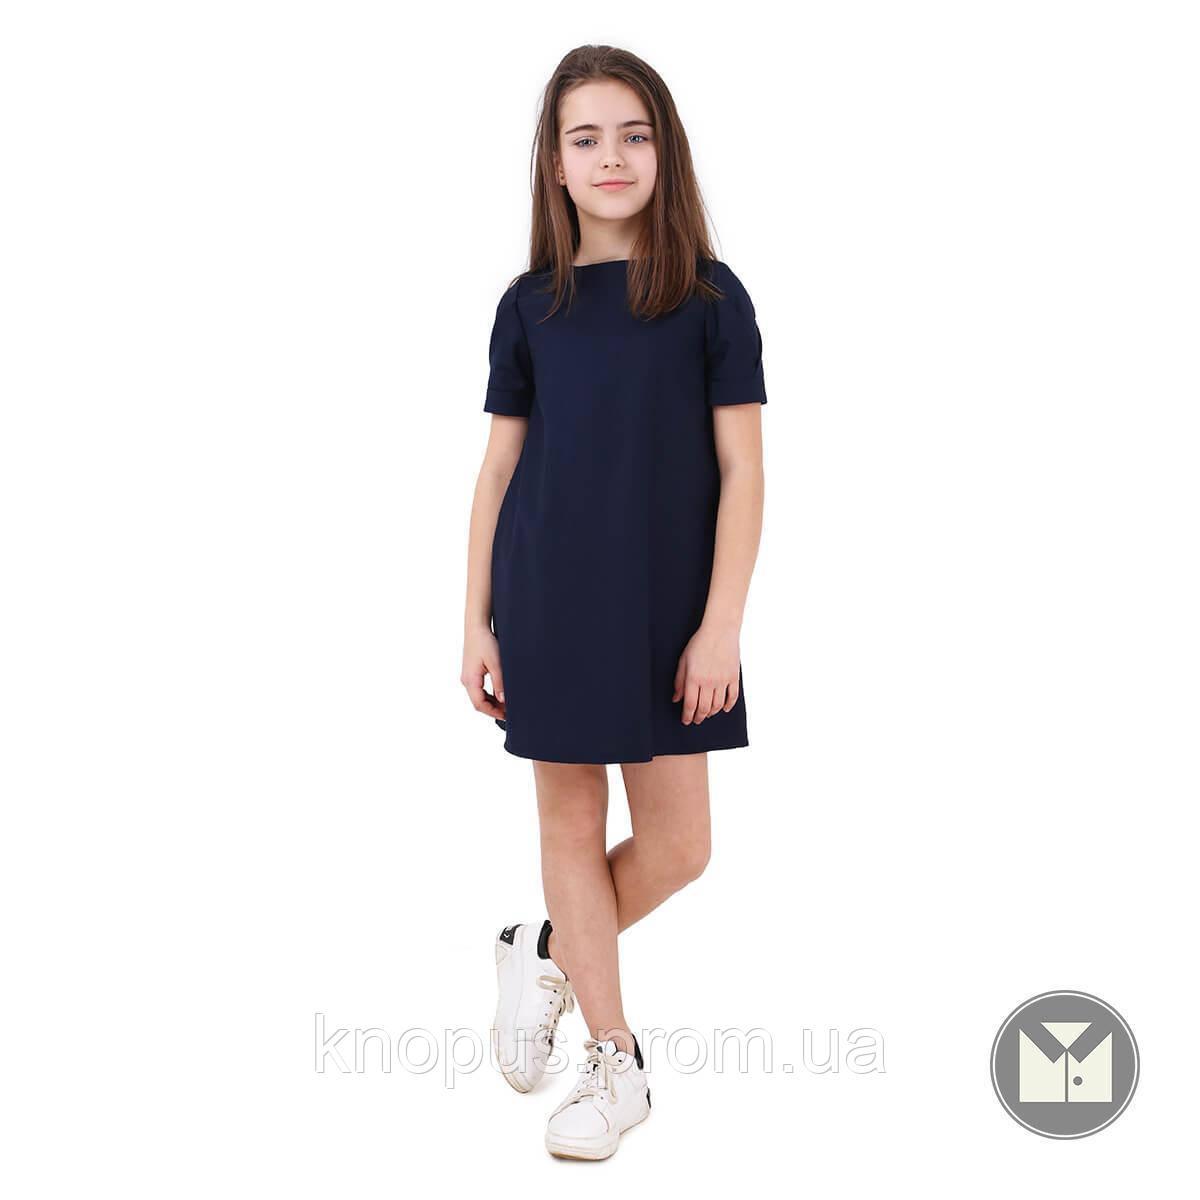 Платье для девочки, Mari, синее, Timbo, размеры 122-152